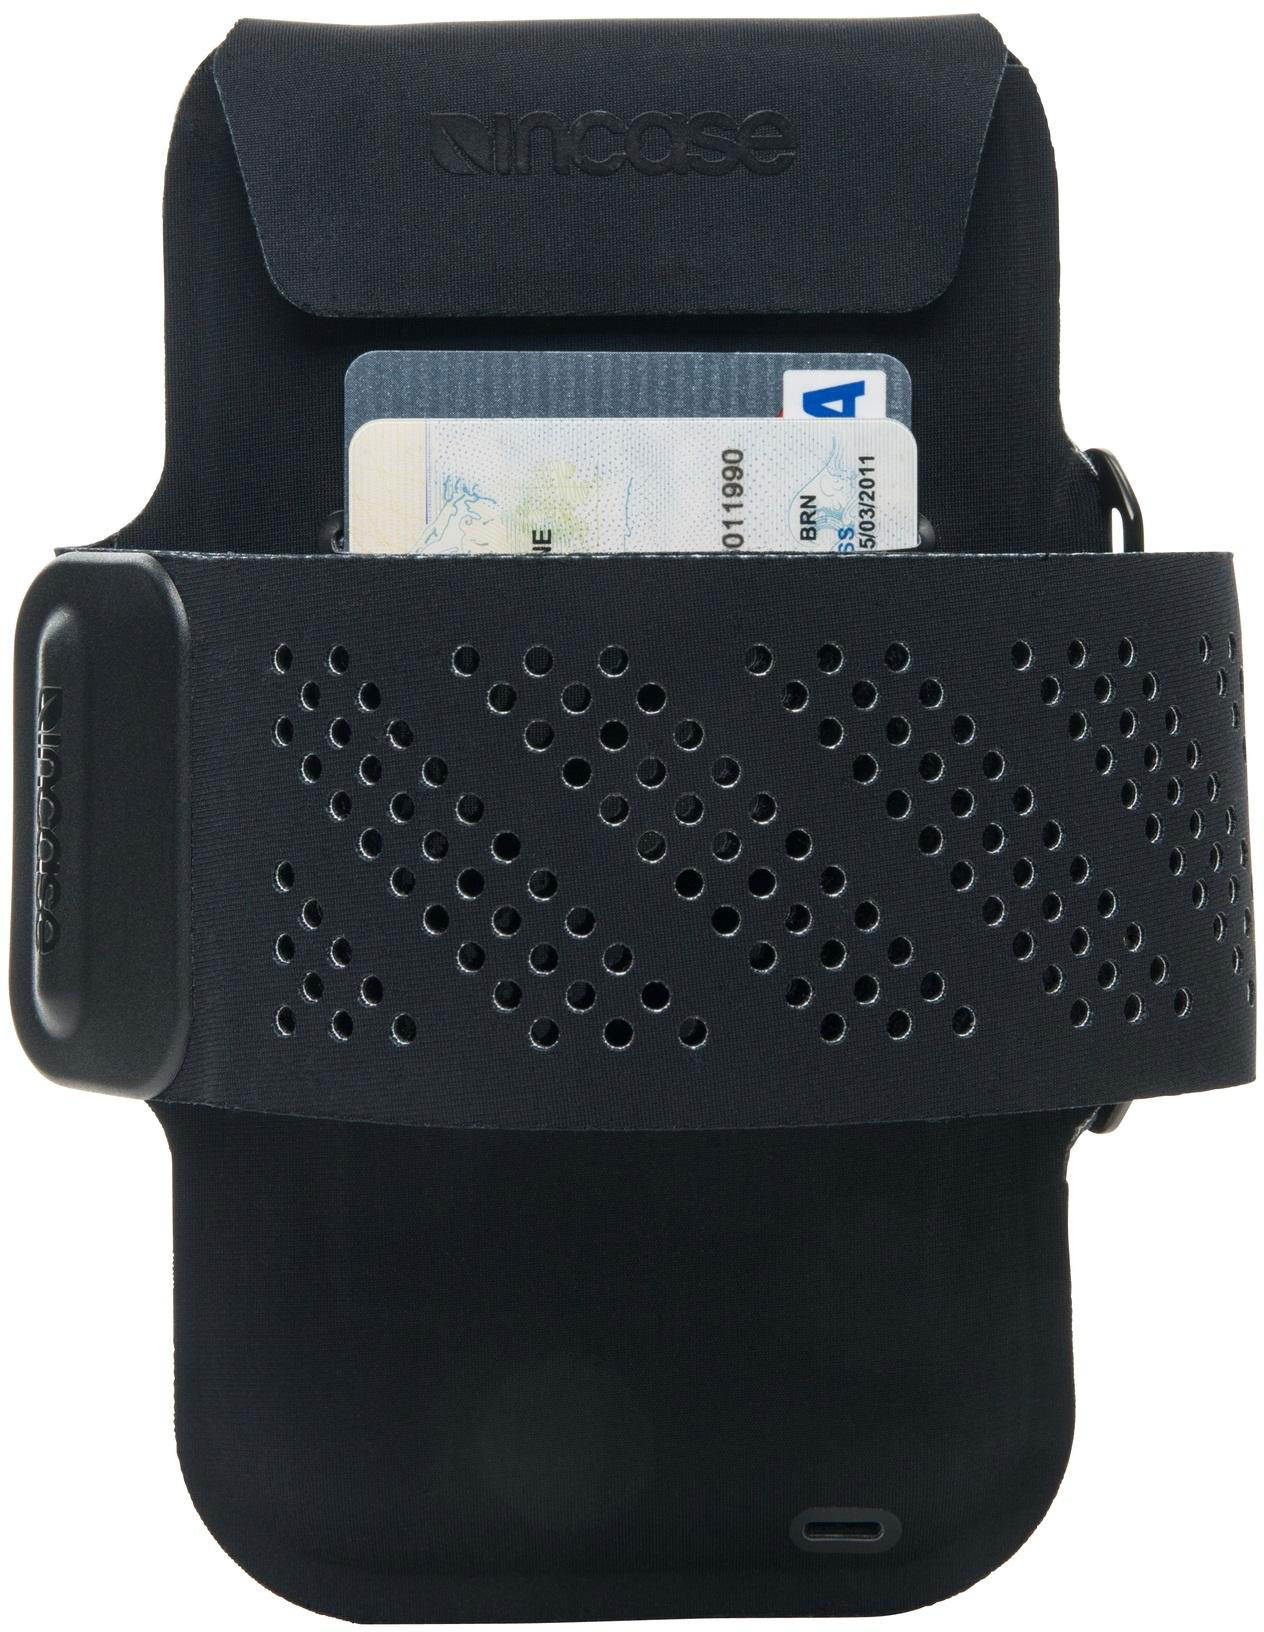 Чехол Incase Active Armband (INOM170391-BLK) для iPhone 6/6S/7/8 (Black)